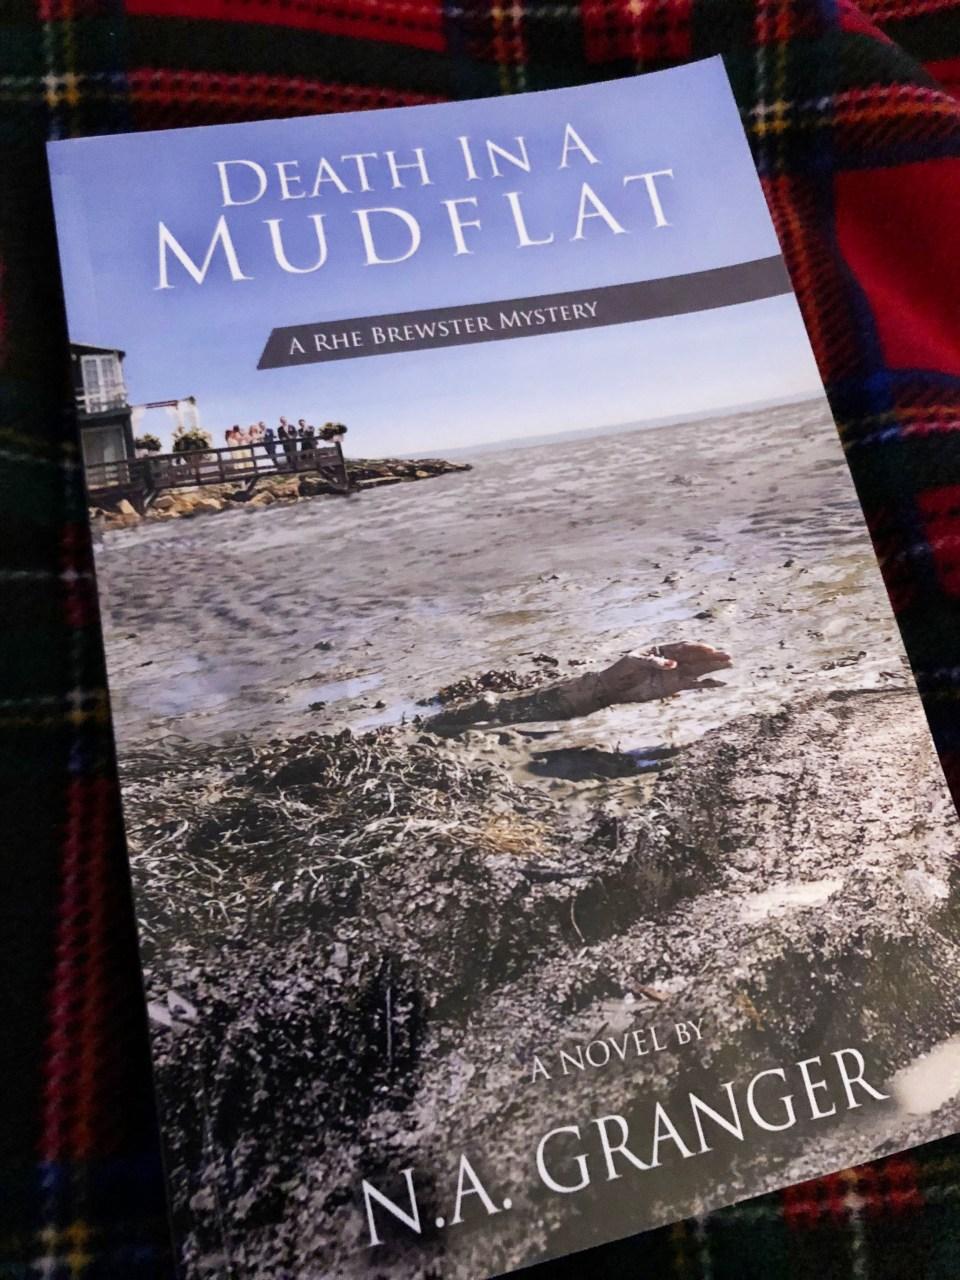 Death in a Mudflat